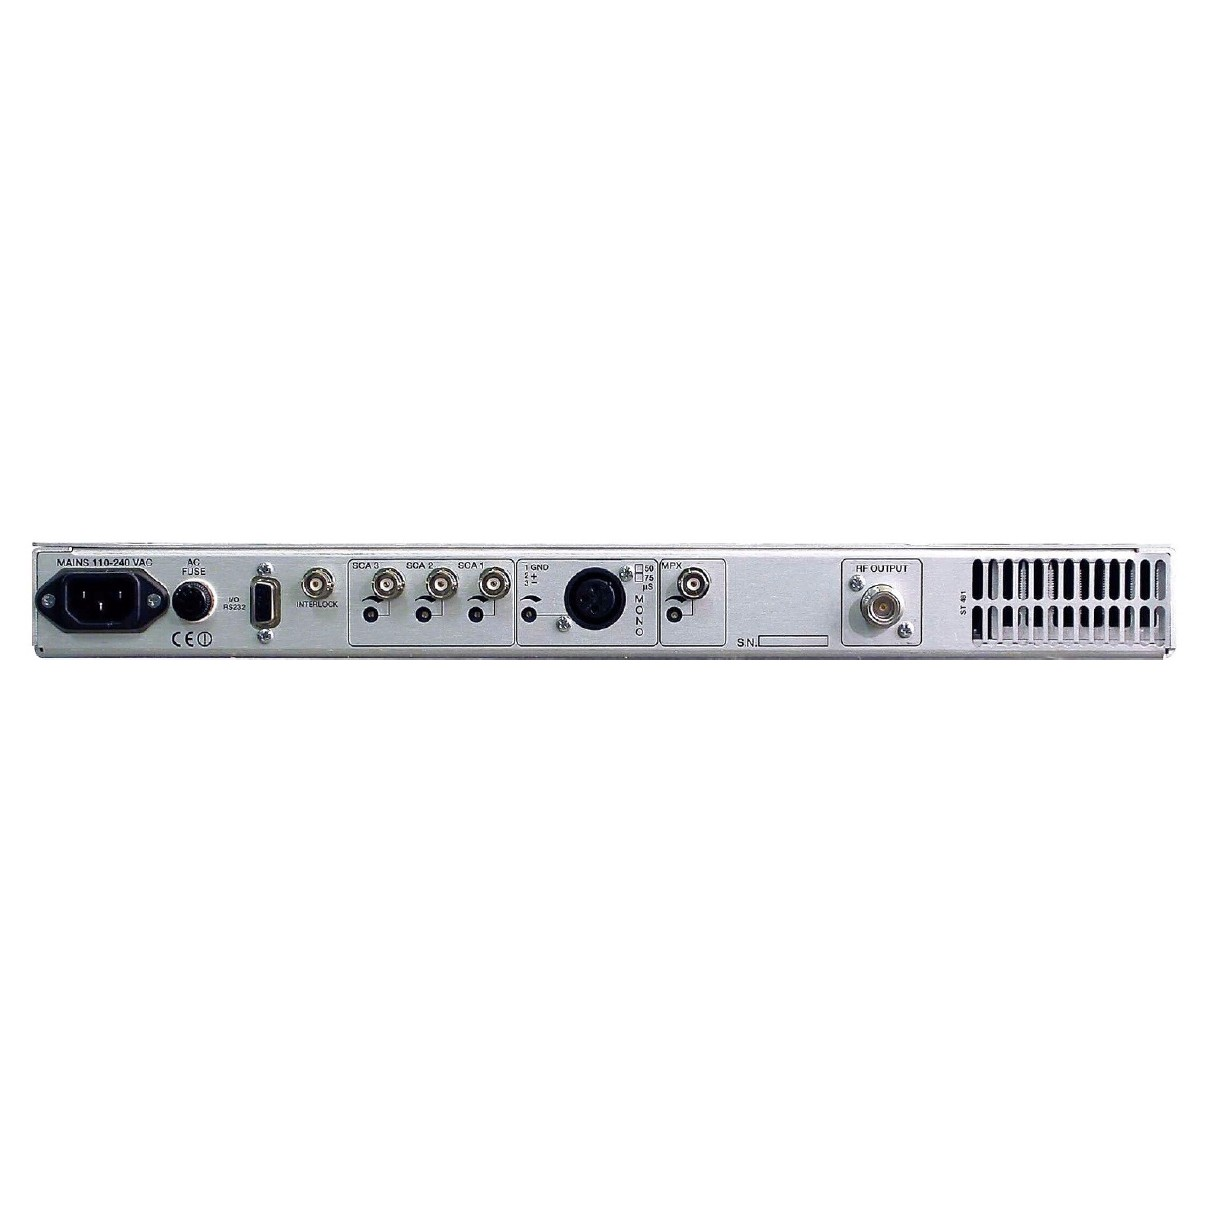 Emetteur FM 30W Compact-Faible Puissance Equipement Radio Station